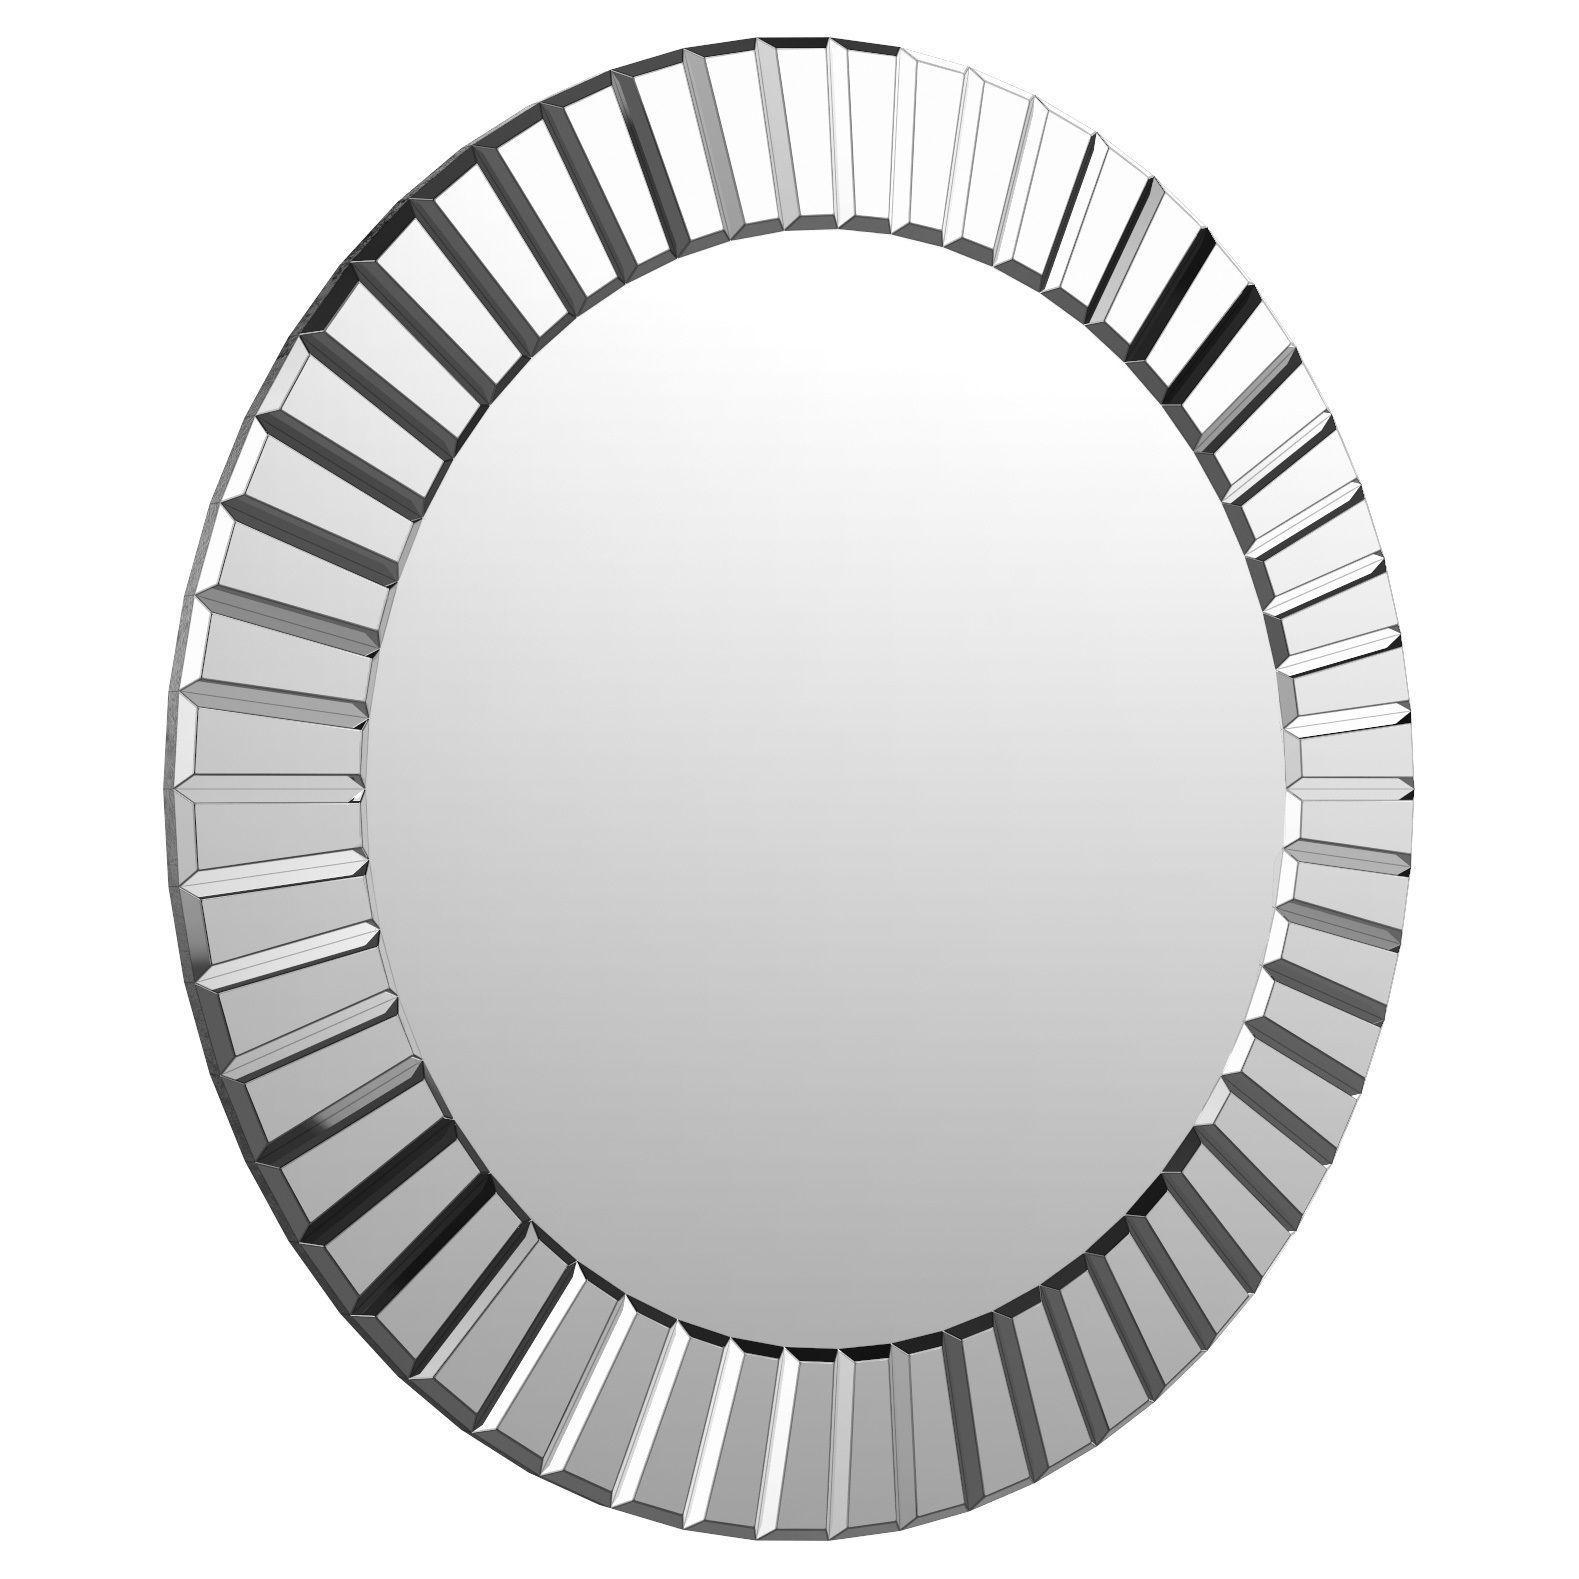 Lidya Frameless Beveled Wall Mirror Wlao2357 | 3D Model With Regard To Lidya Frameless Beveled Wall Mirrors (View 2 of 20)